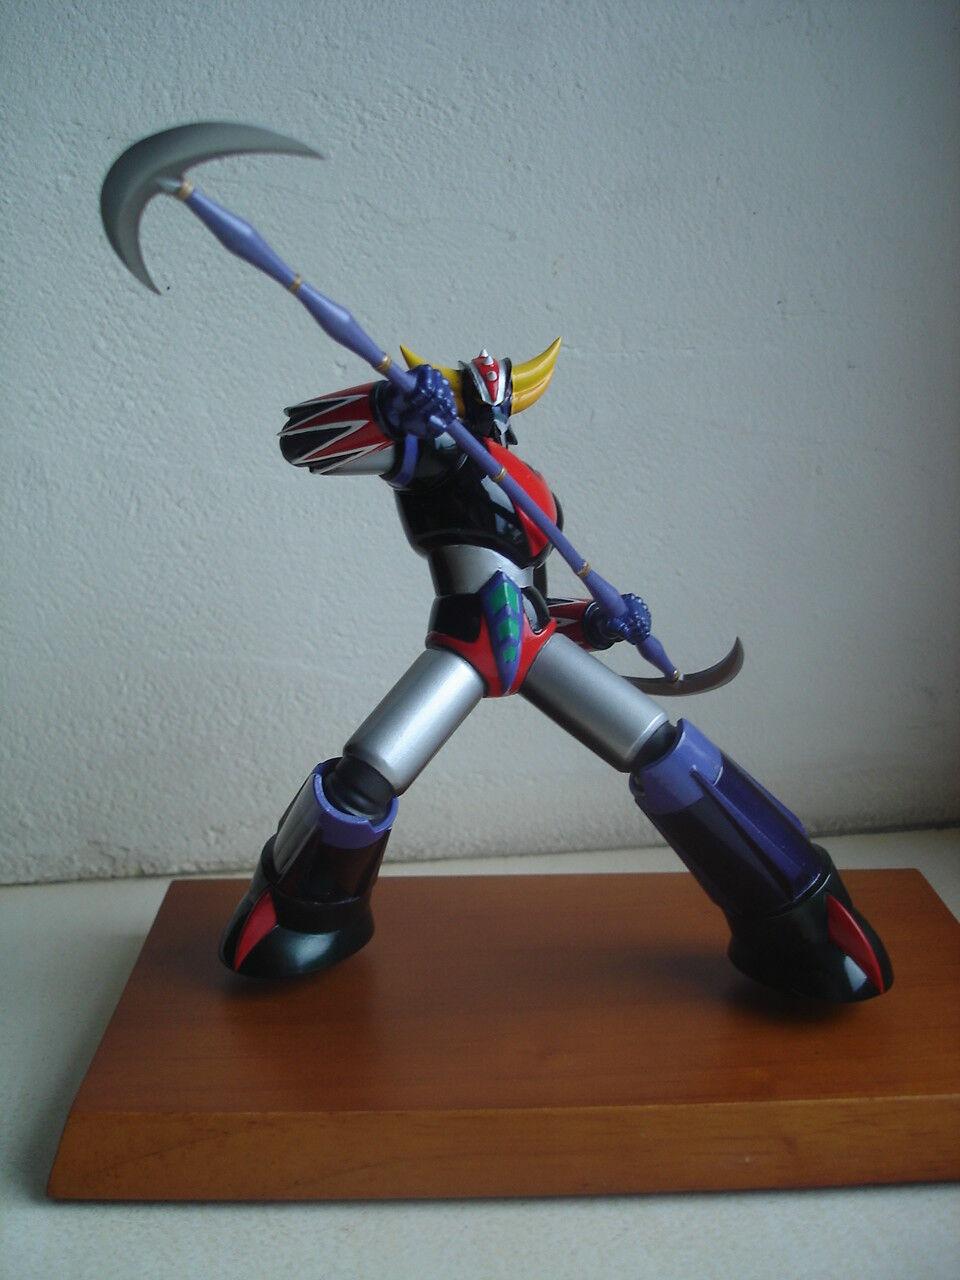 goldorak Grendizer goldrake super robot KAIYODO Vintage